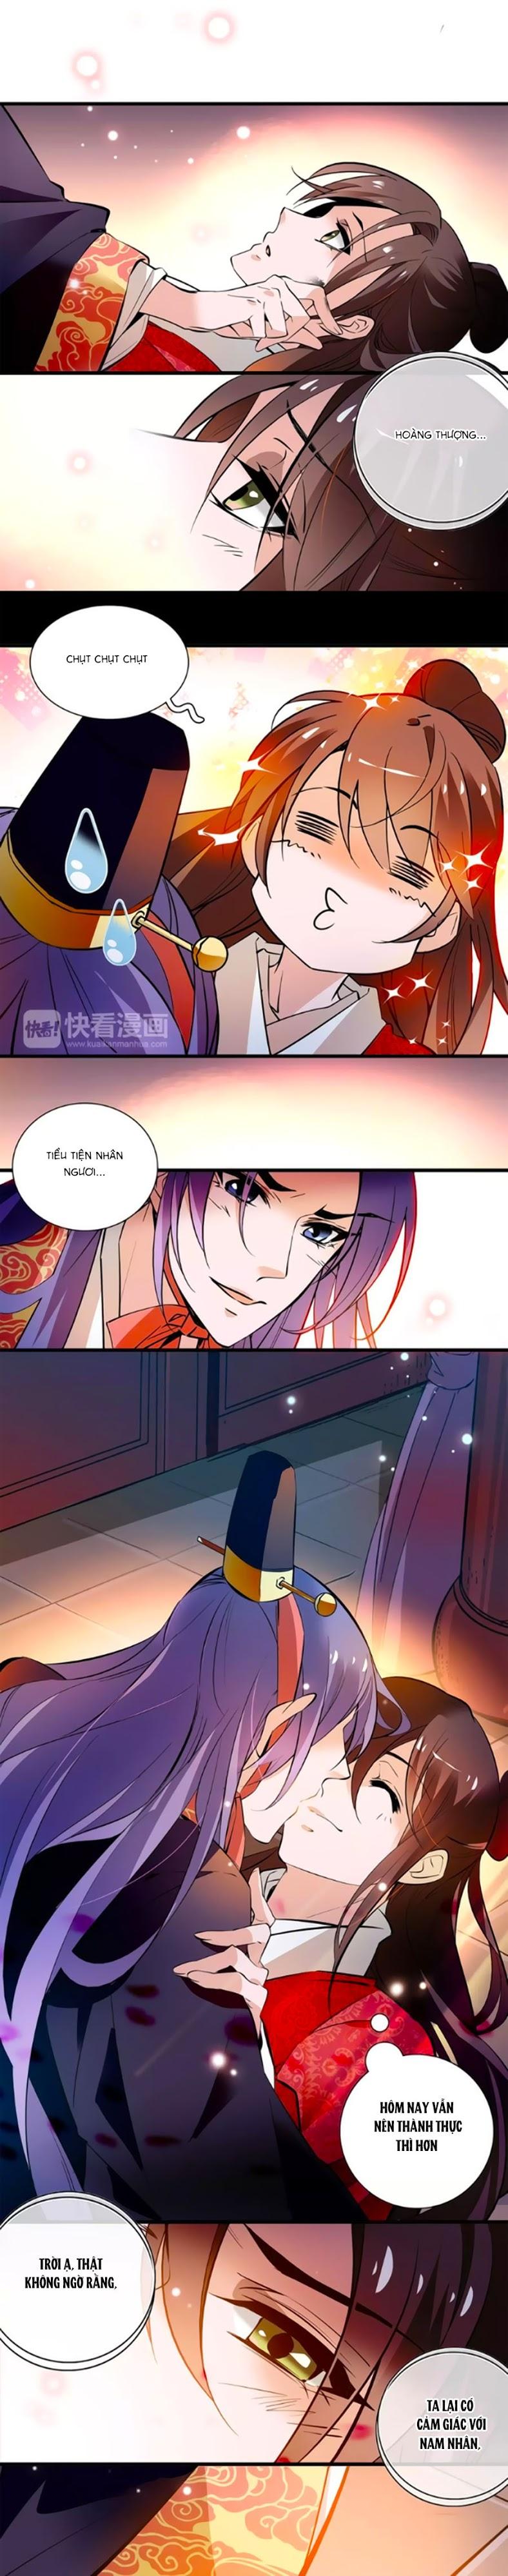 Hoàng Thượng! Hãy Sủng Ái Ta Đi!